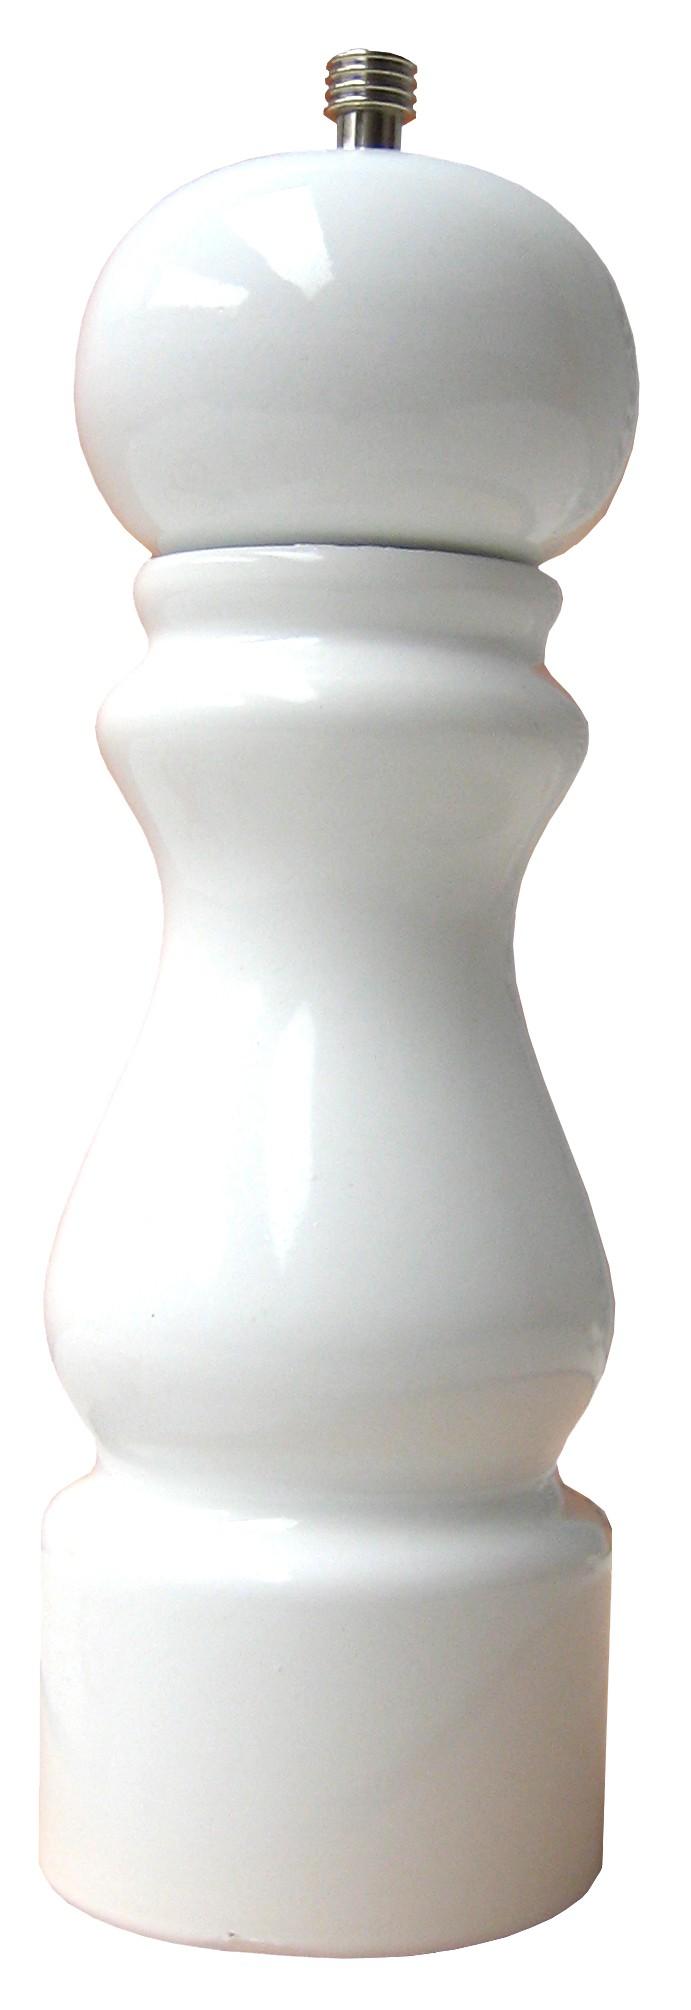 Colors - Moulin à gros sel  laqué brillant blanc 20cm